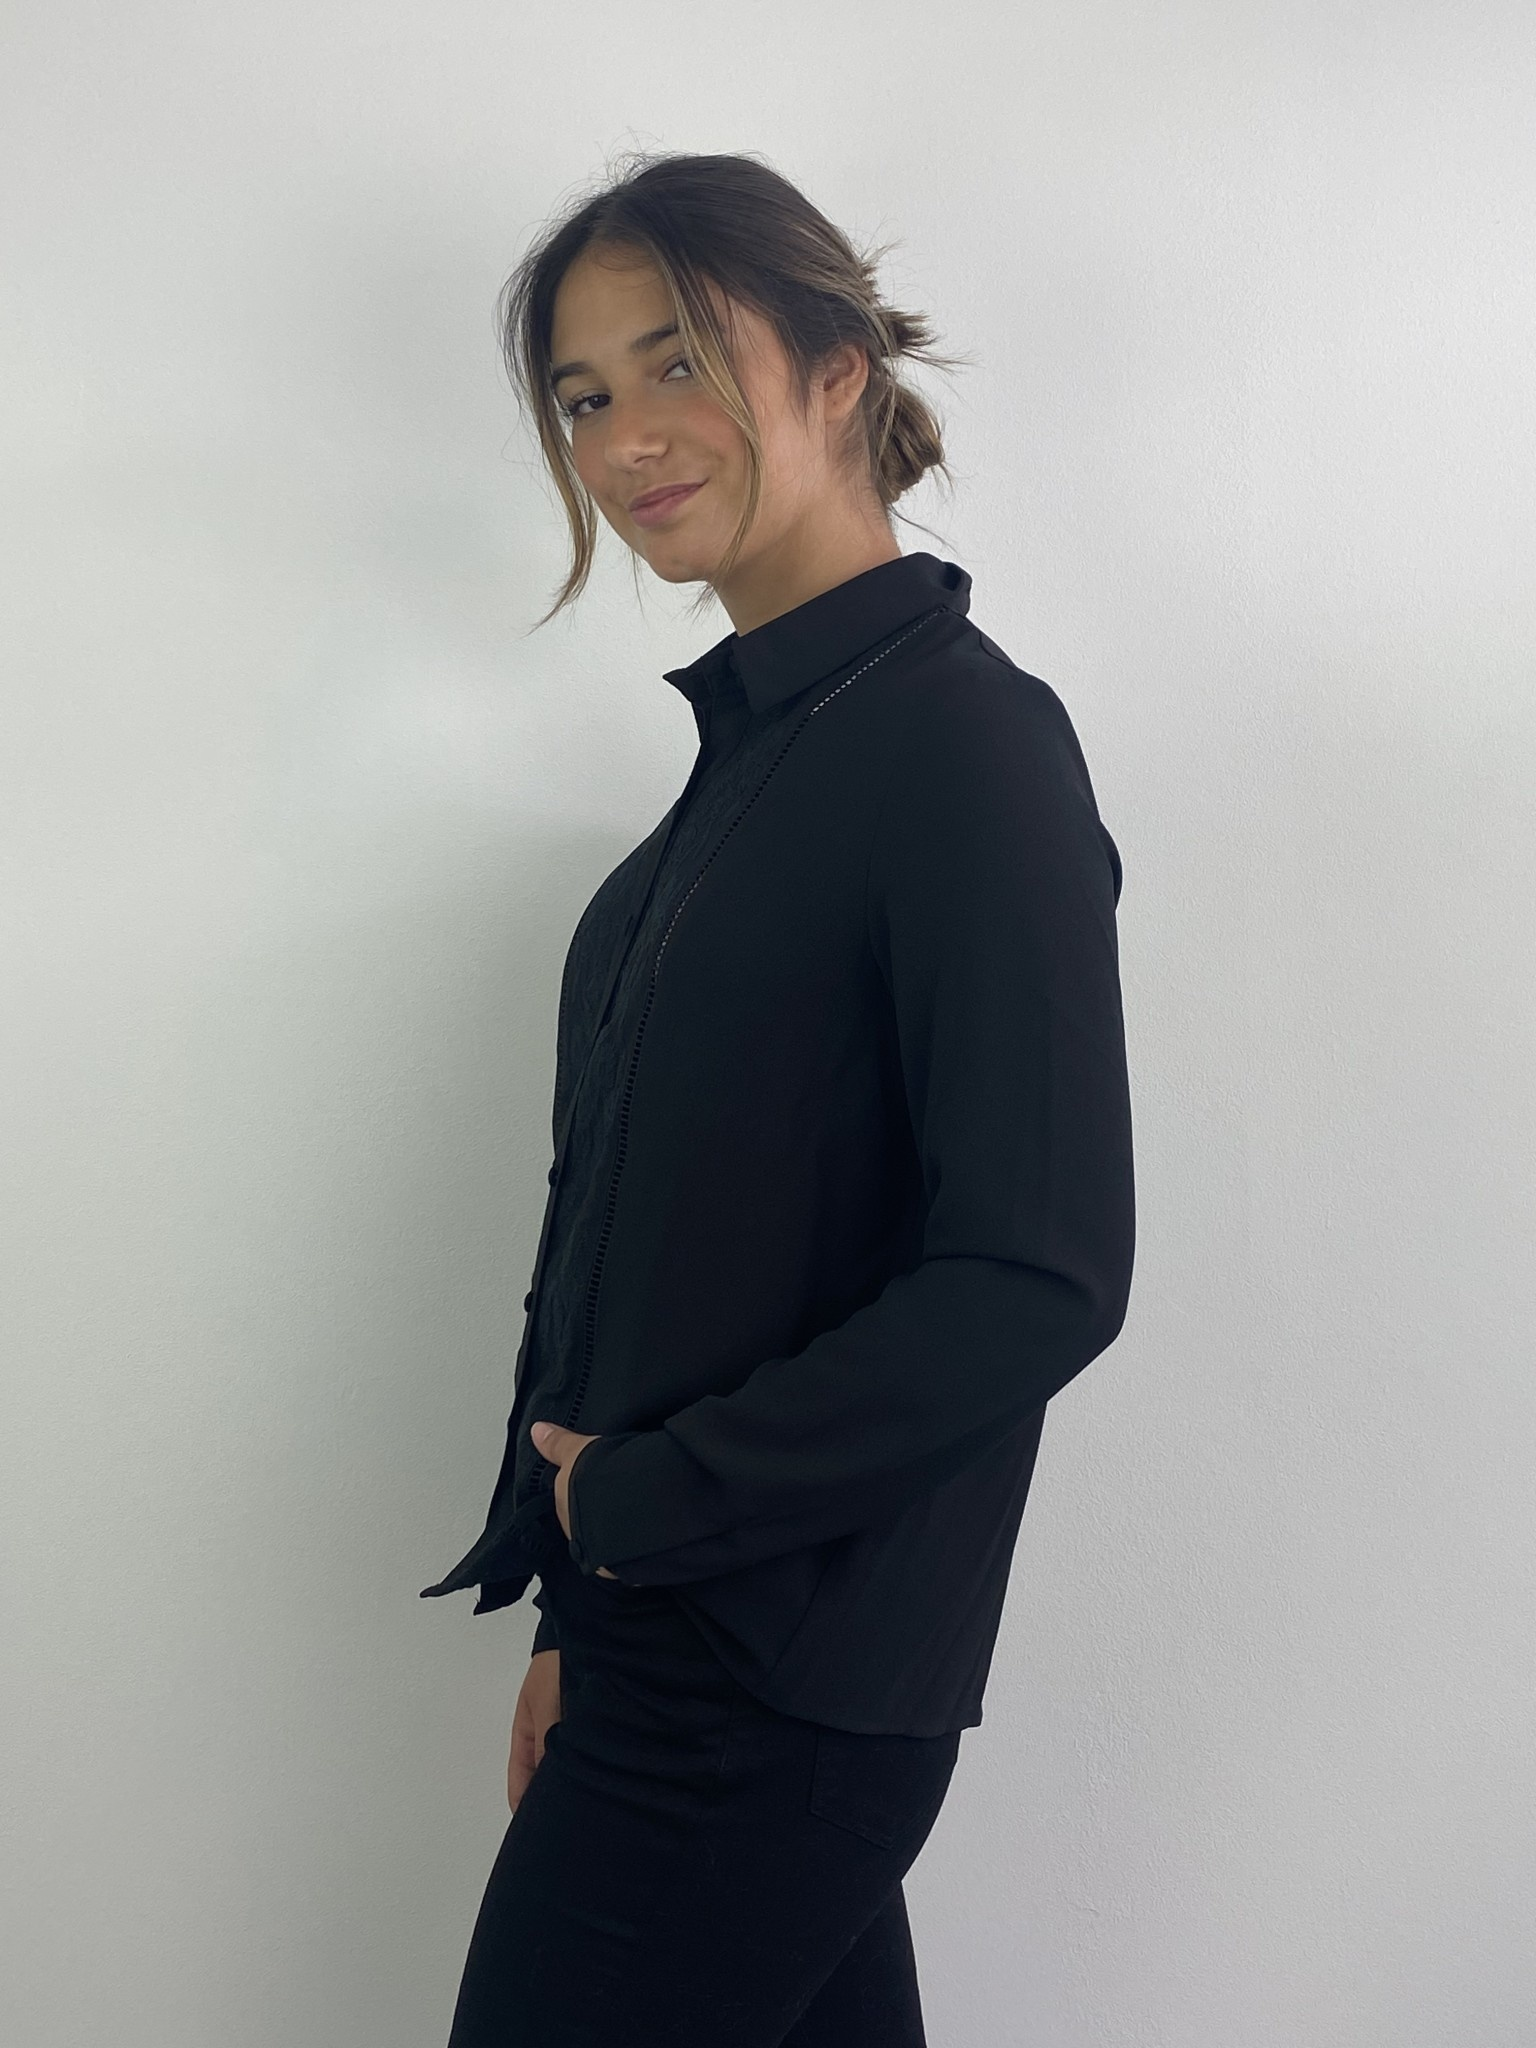 Tasmin broderie blouse Black-2